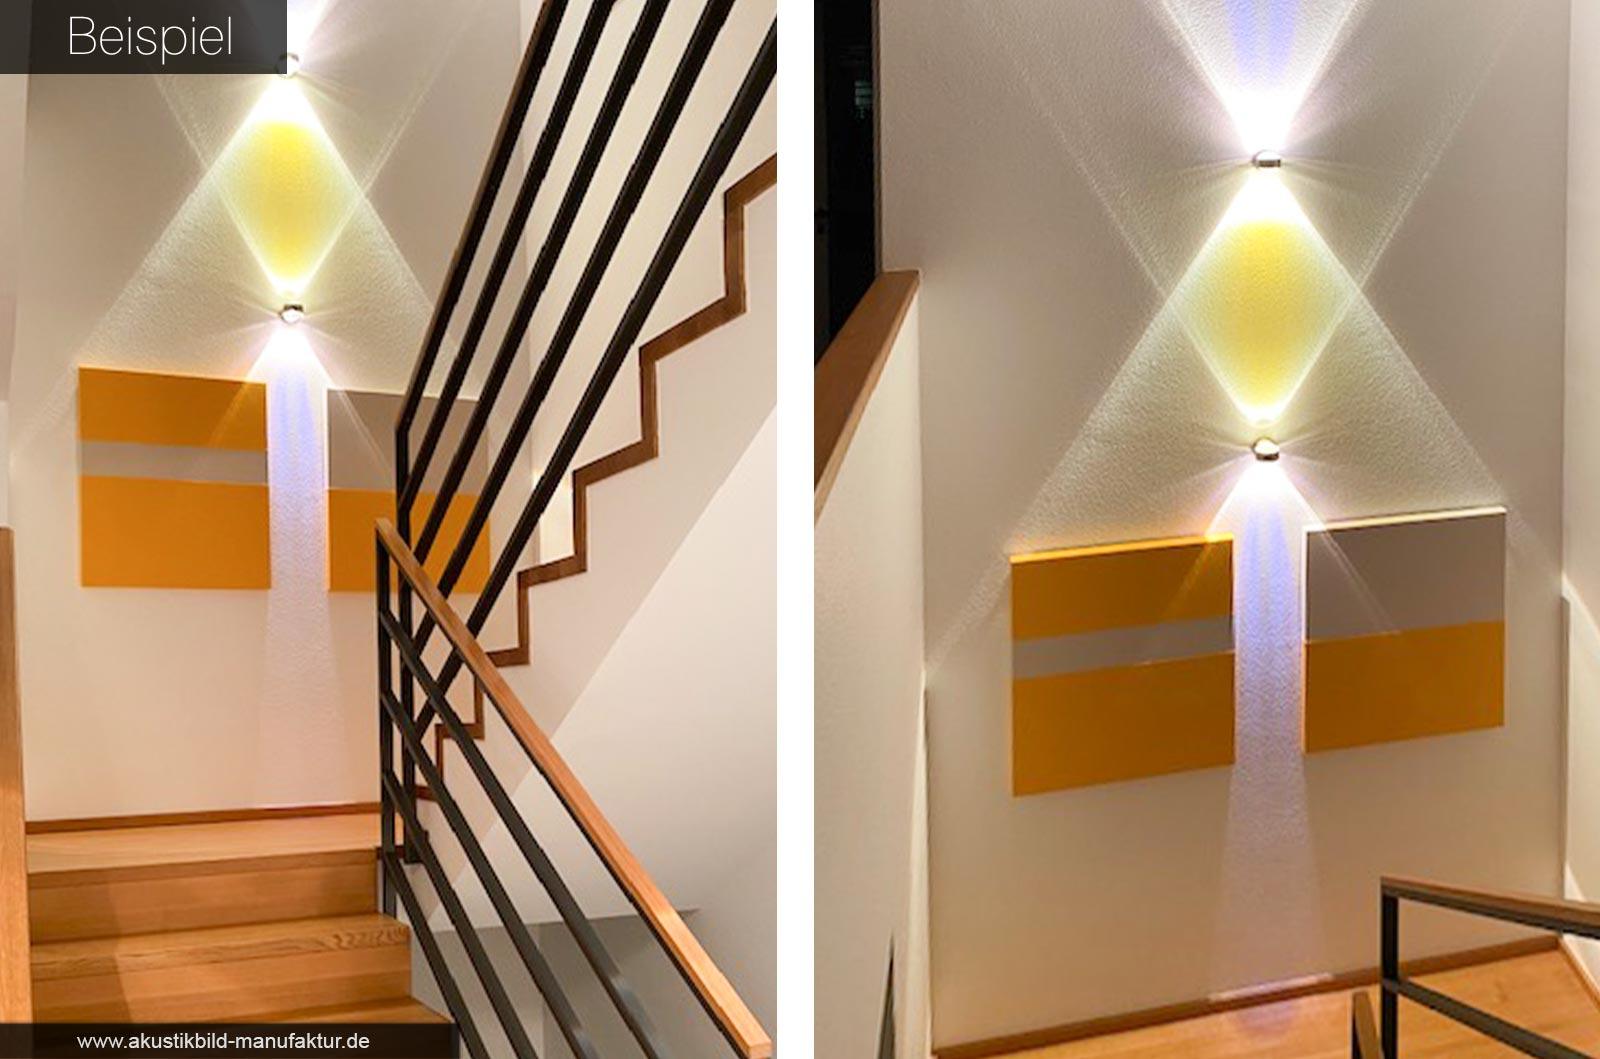 Einfarbige Schallabsorber Elemente im Treppenaufgang